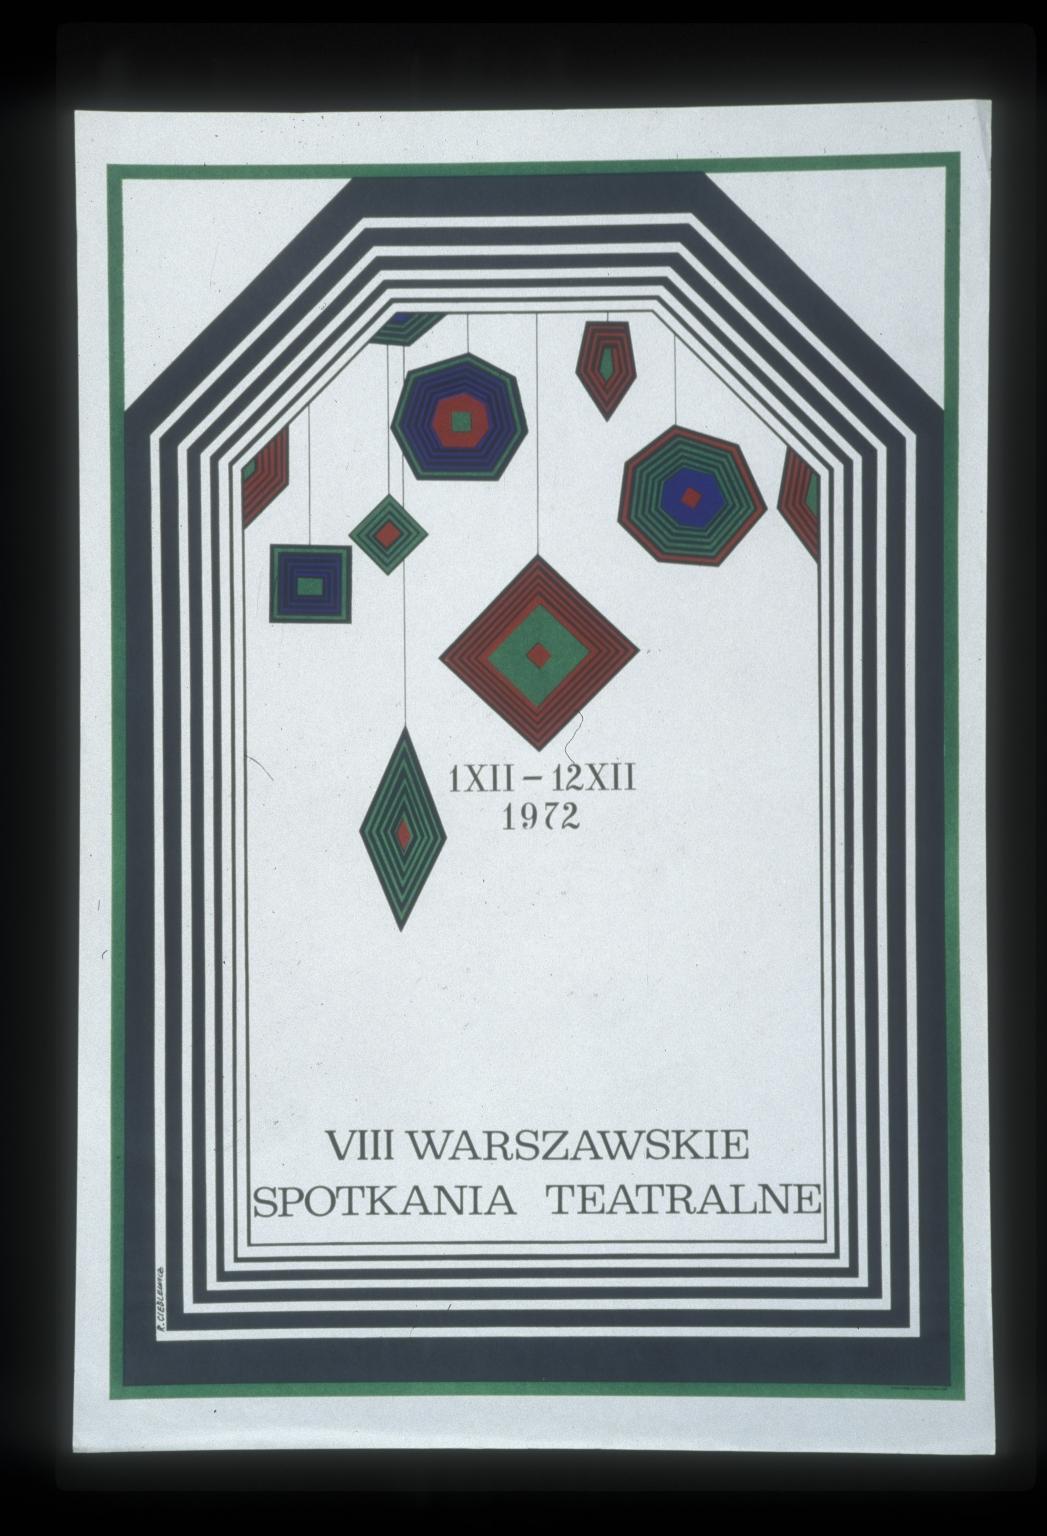 VIII Warszawskie spotkania teatralne, 1XII-12XII1972